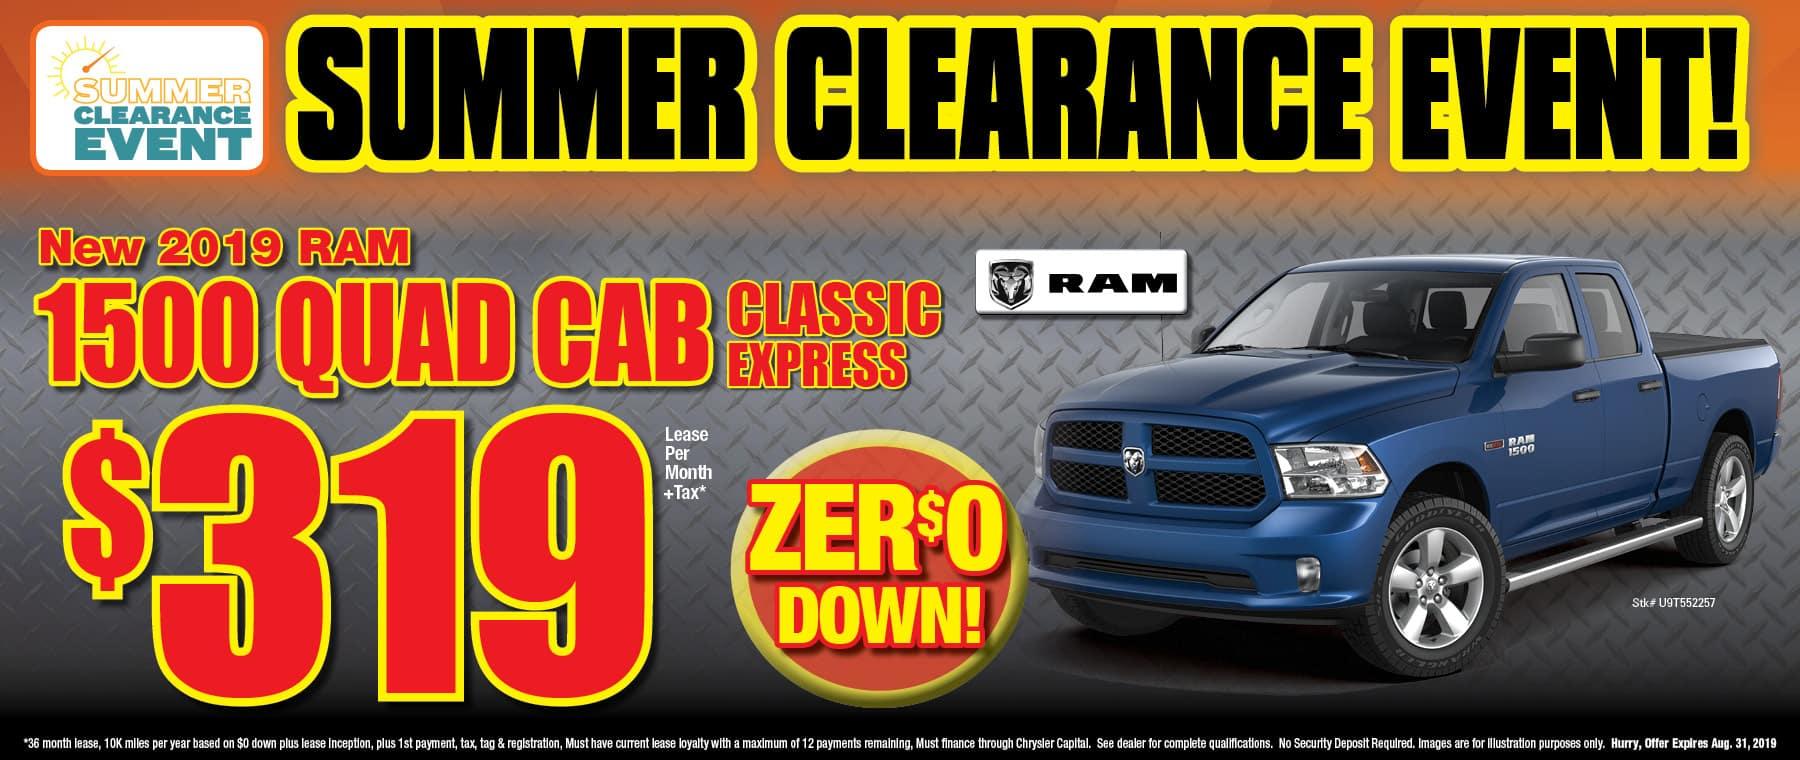 All New 2019 Ram Quad Cab Classic!